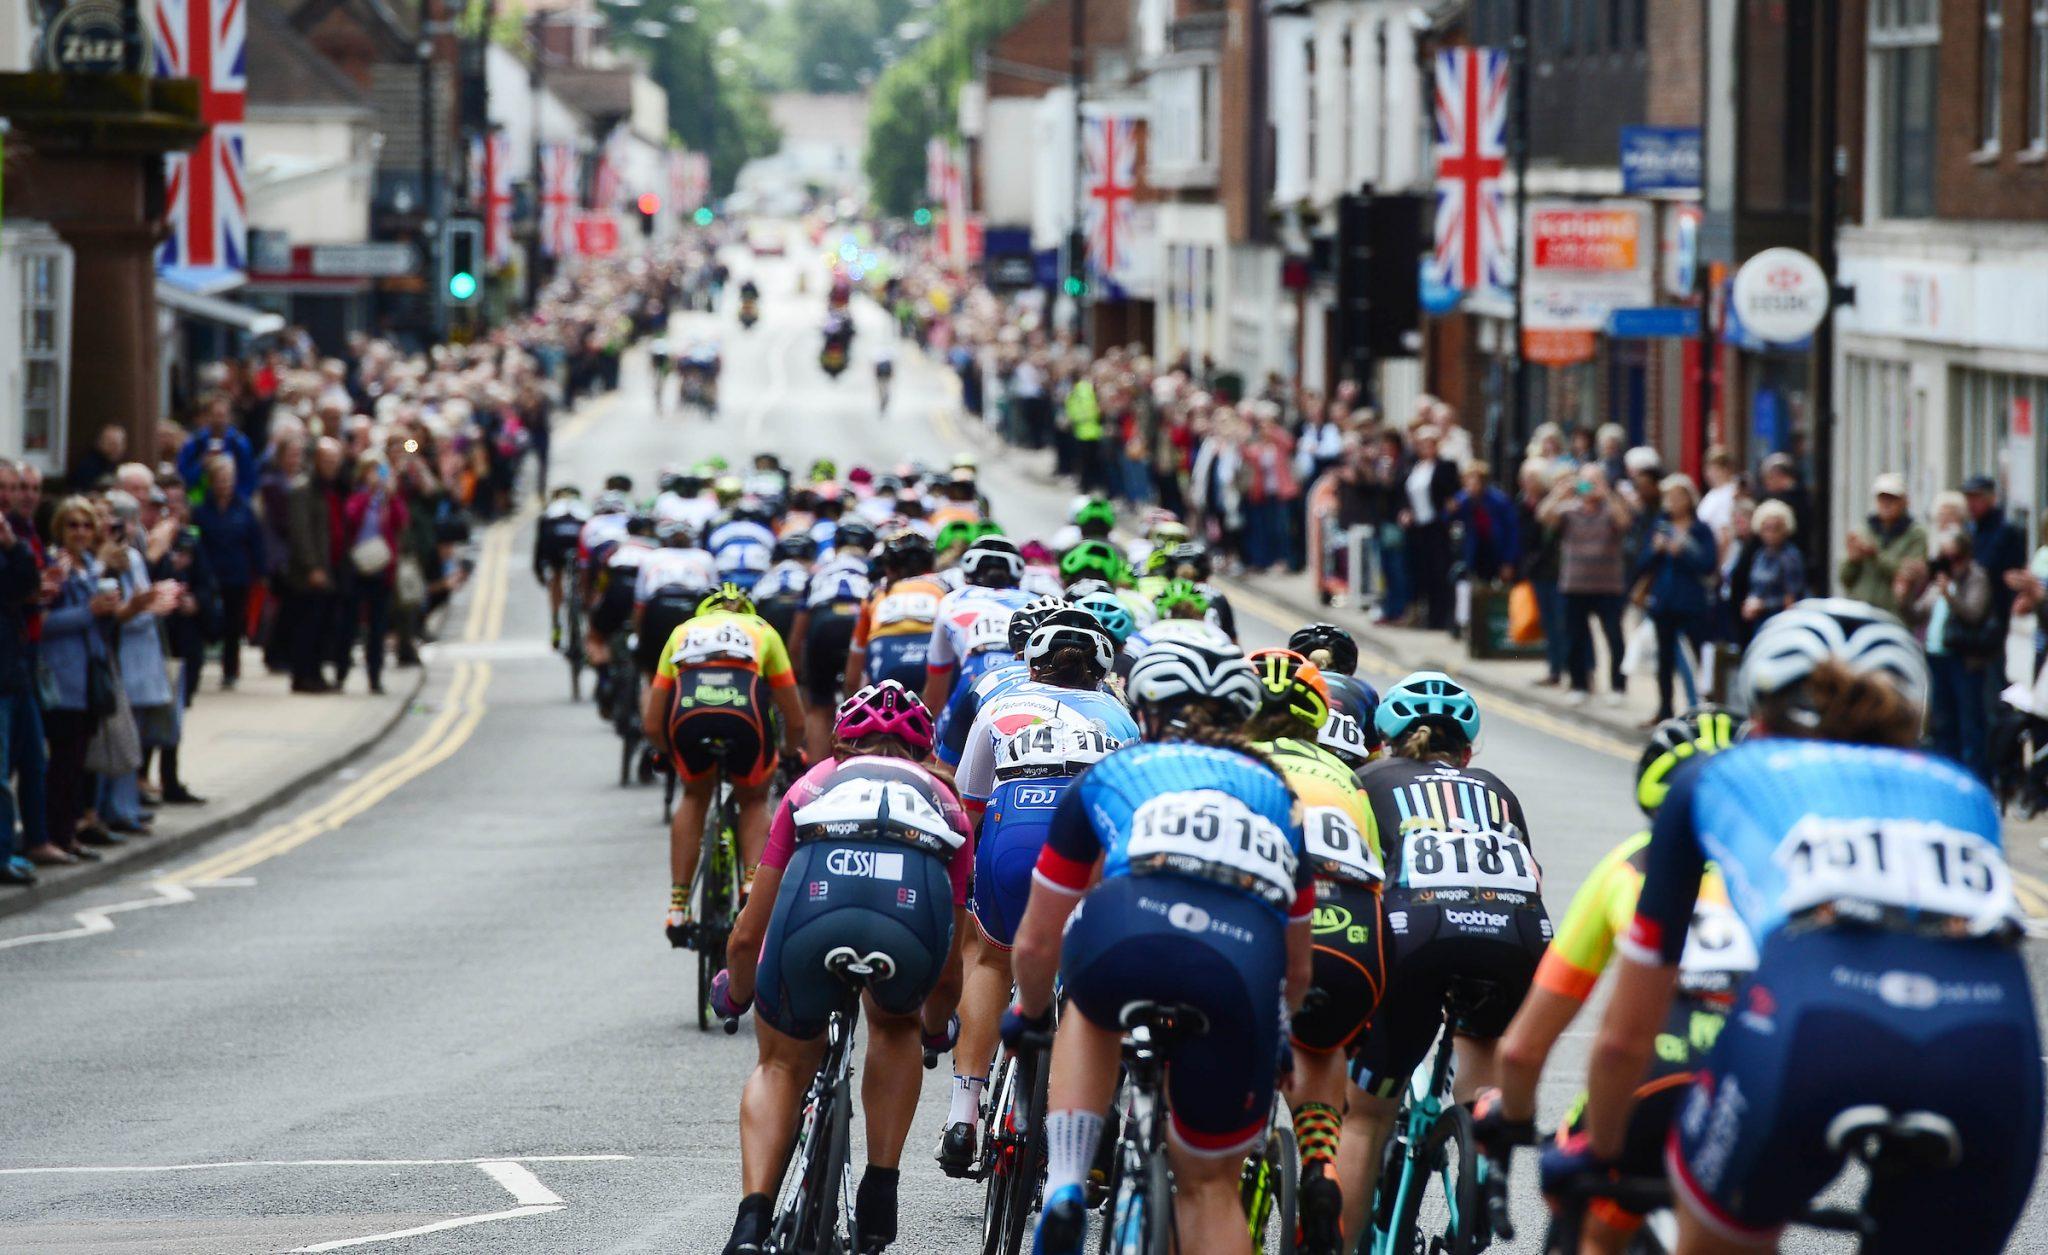 Stage 3 peloton Warwickshire 2017